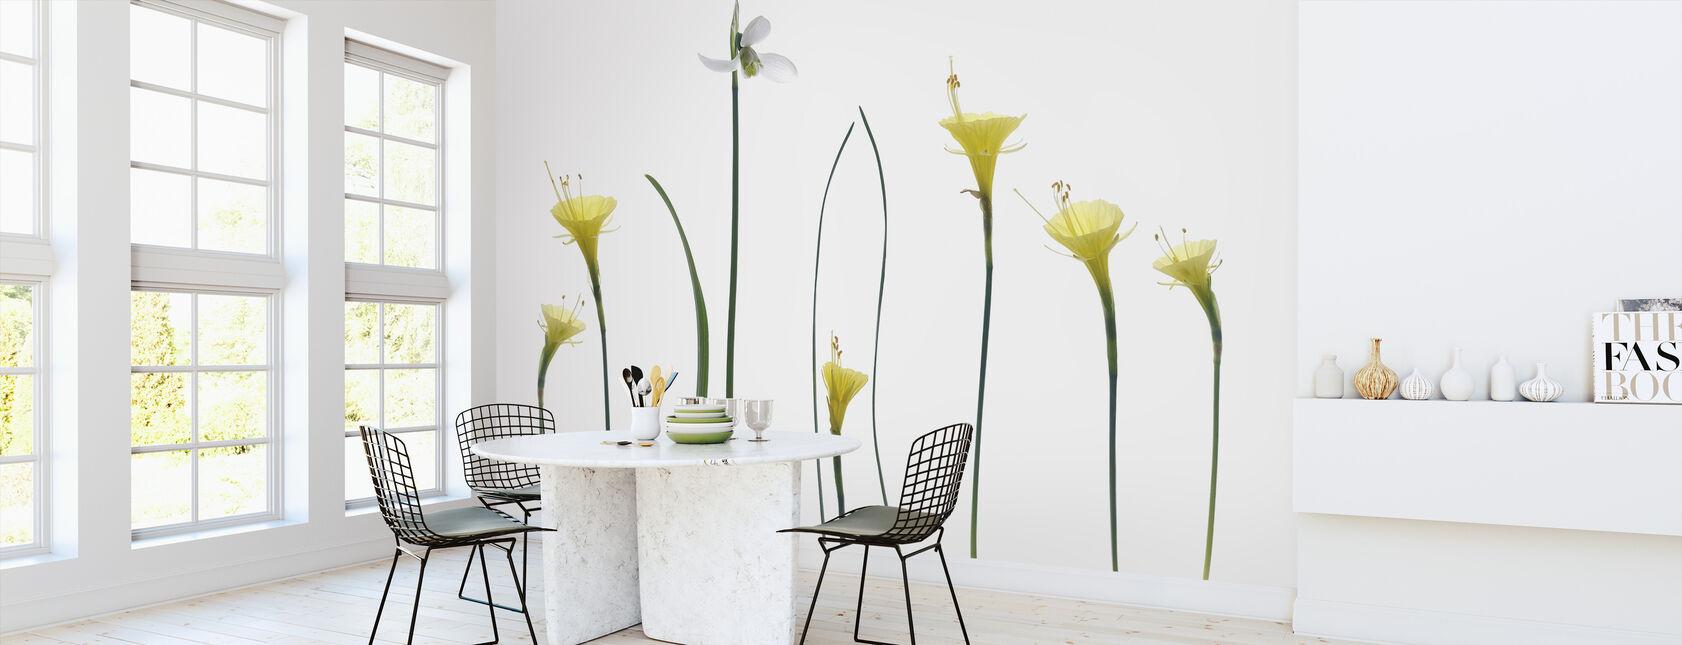 Spring Flowers - Wallpaper - Kitchen